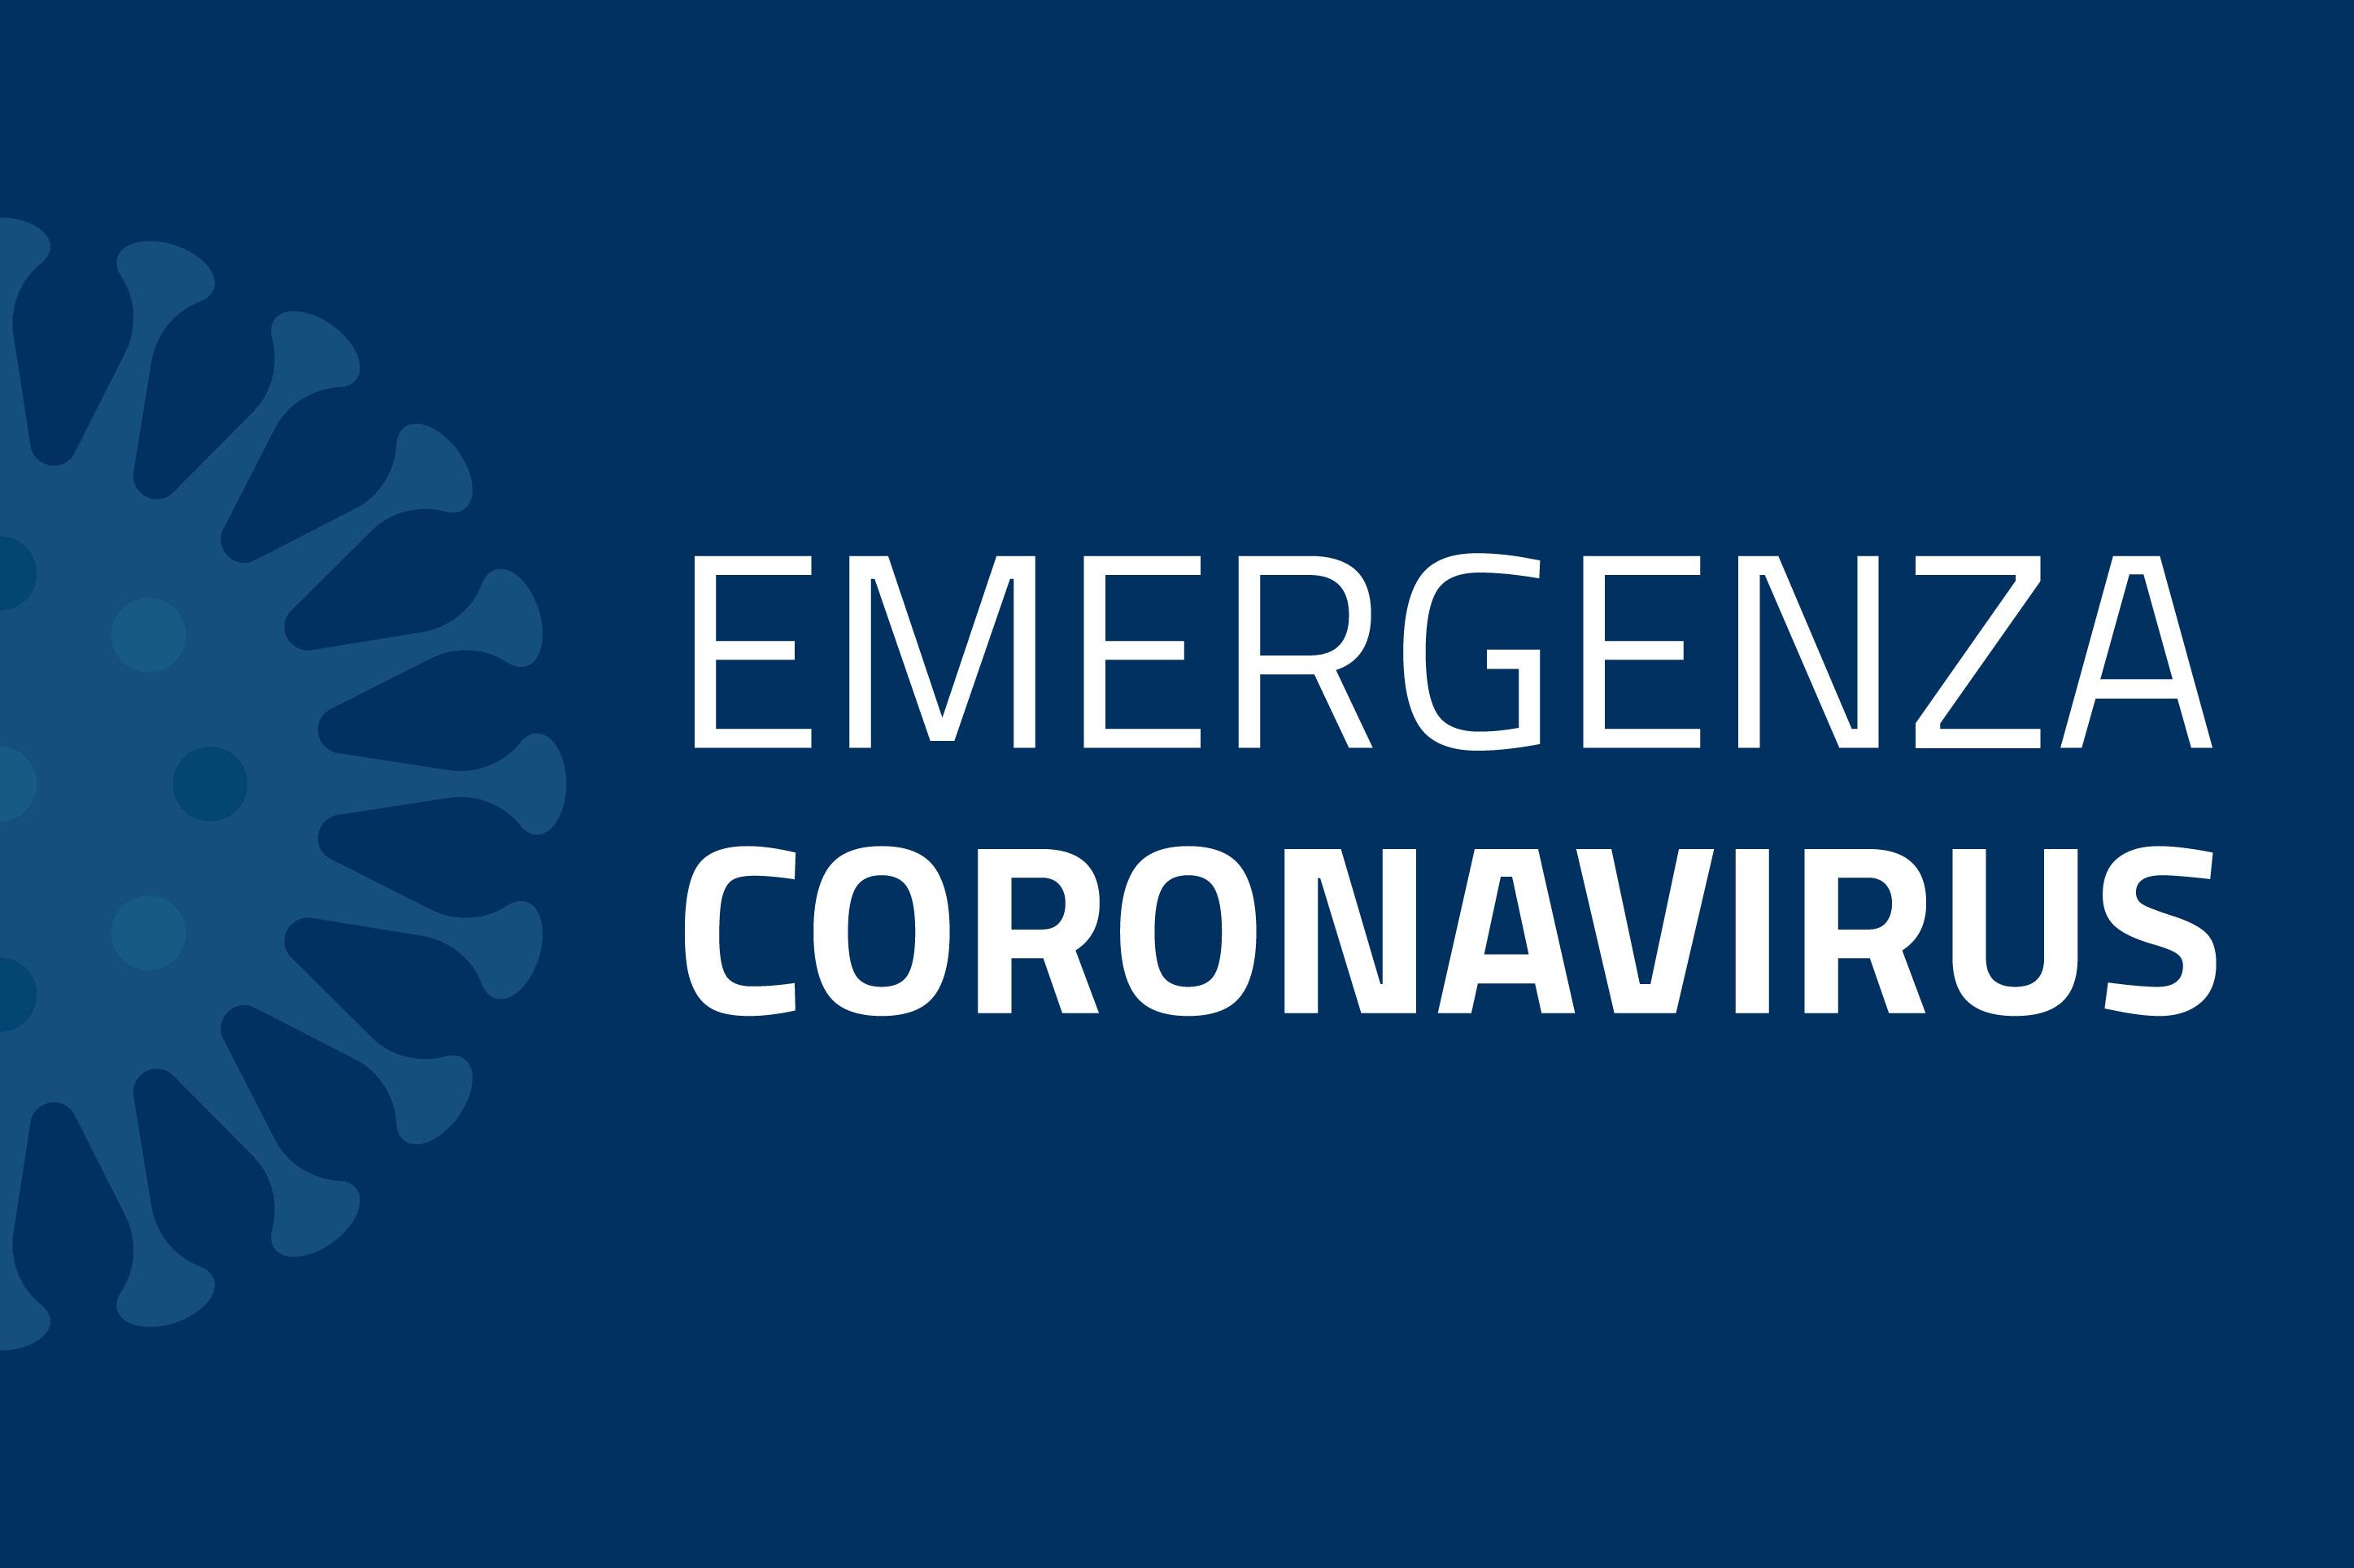 emergenza coronavirus: la rete di Inclusion International attiva per i disabili